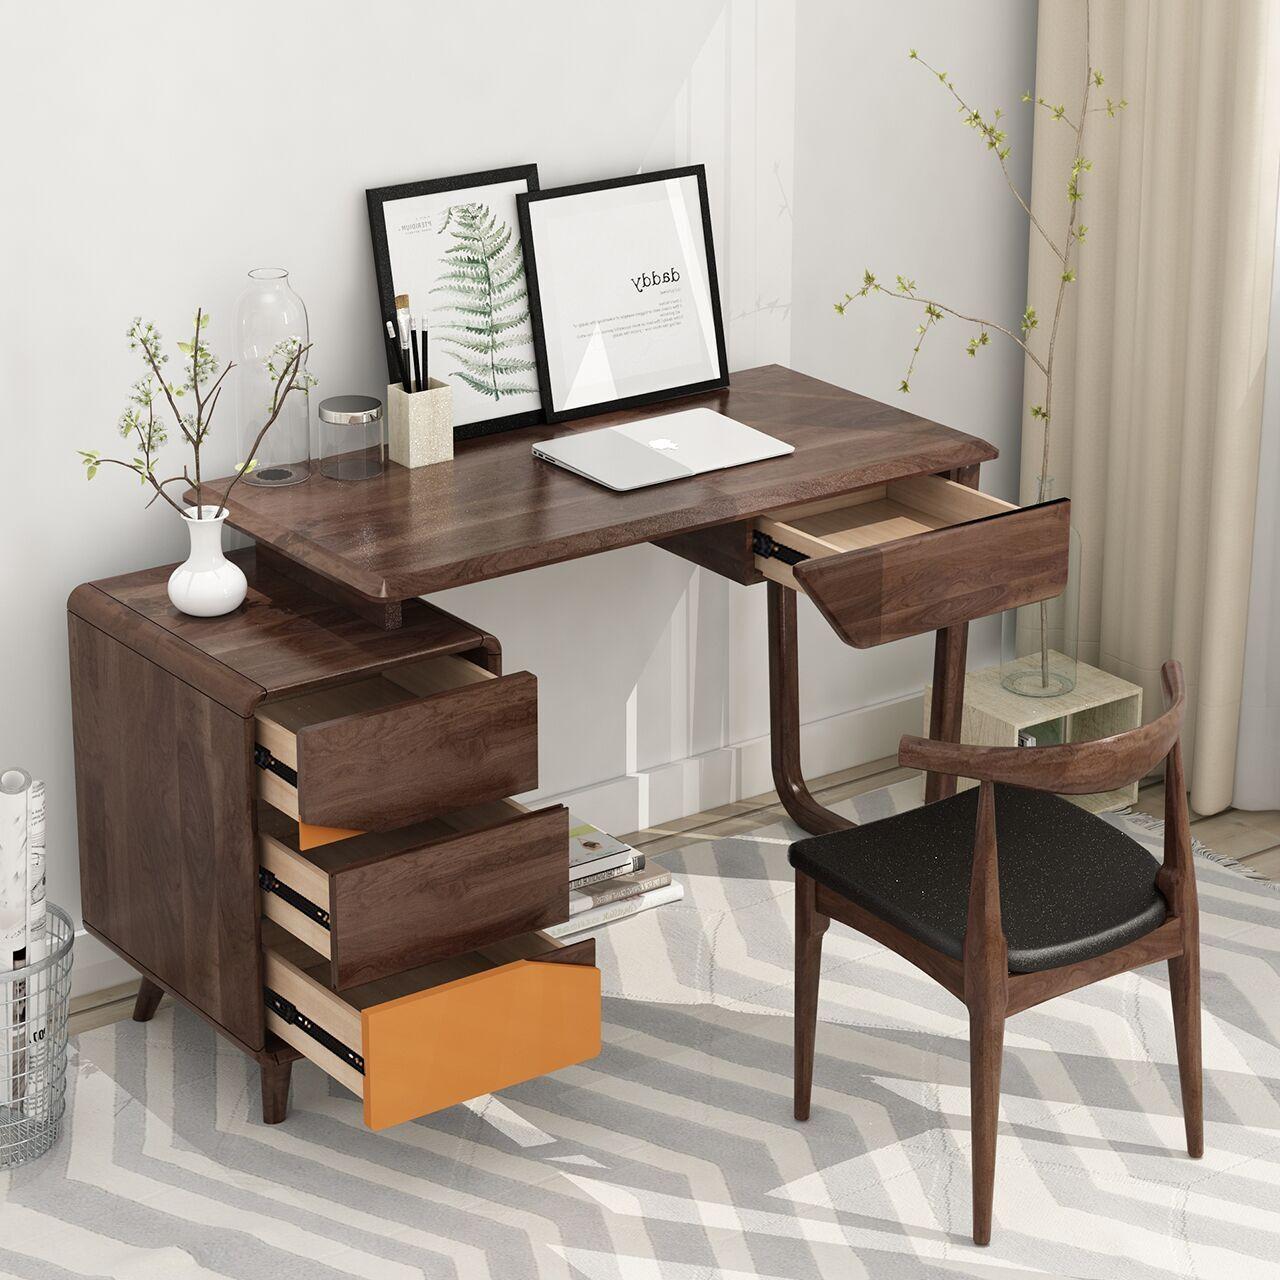 实木书桌简约电脑桌学生写字桌卧室书房桌子家用成人办公桌写字台